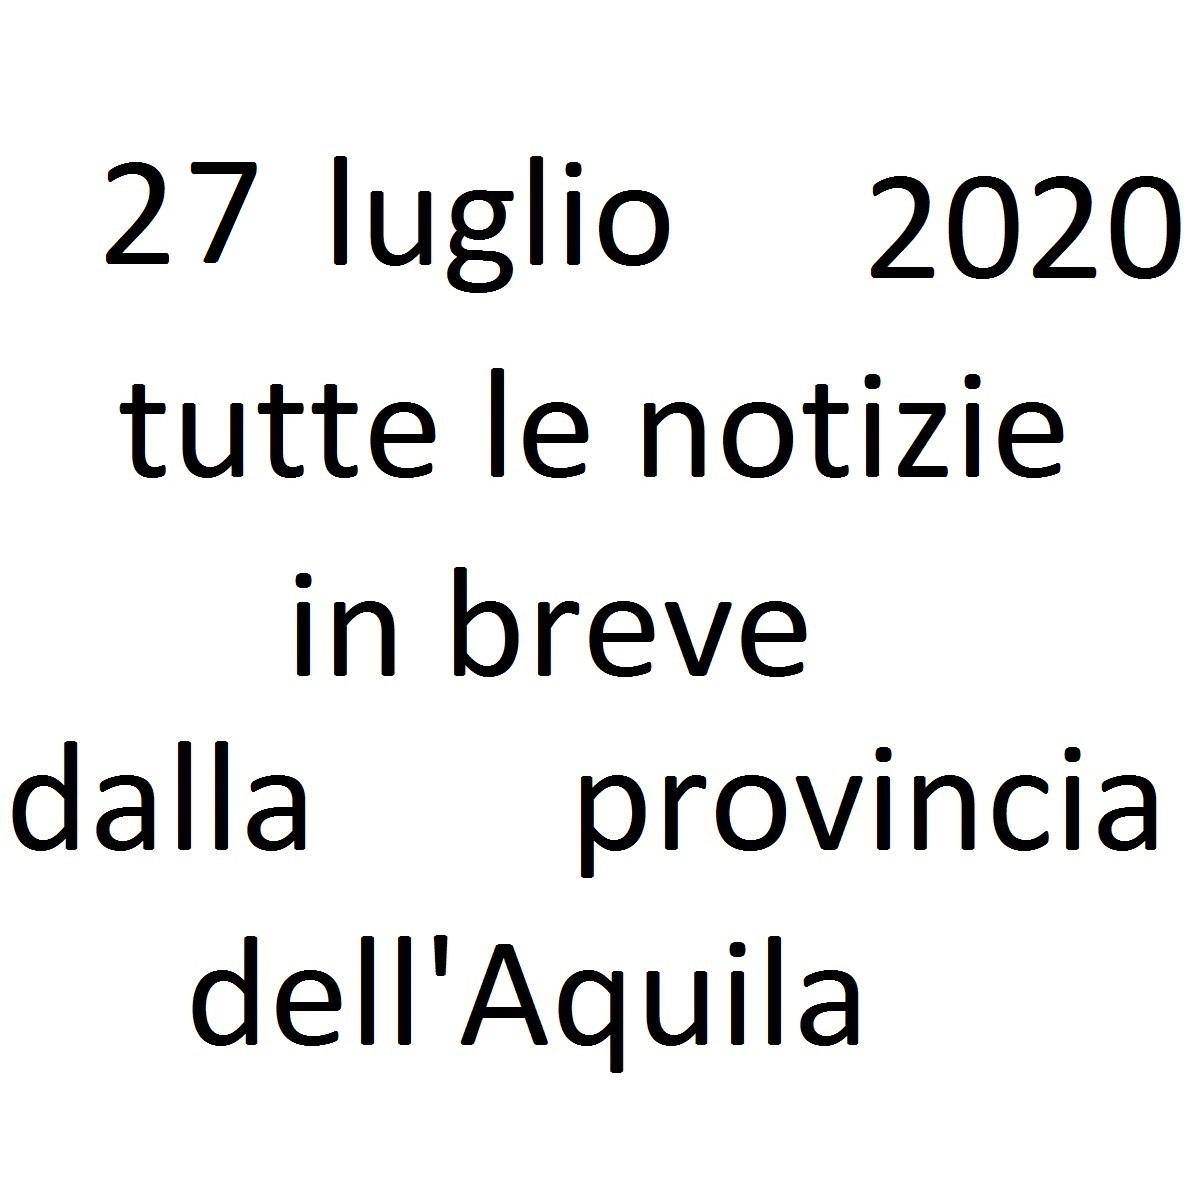 27 luglio 2020 notizie in breve dalla Provincia dell'Aquila foto